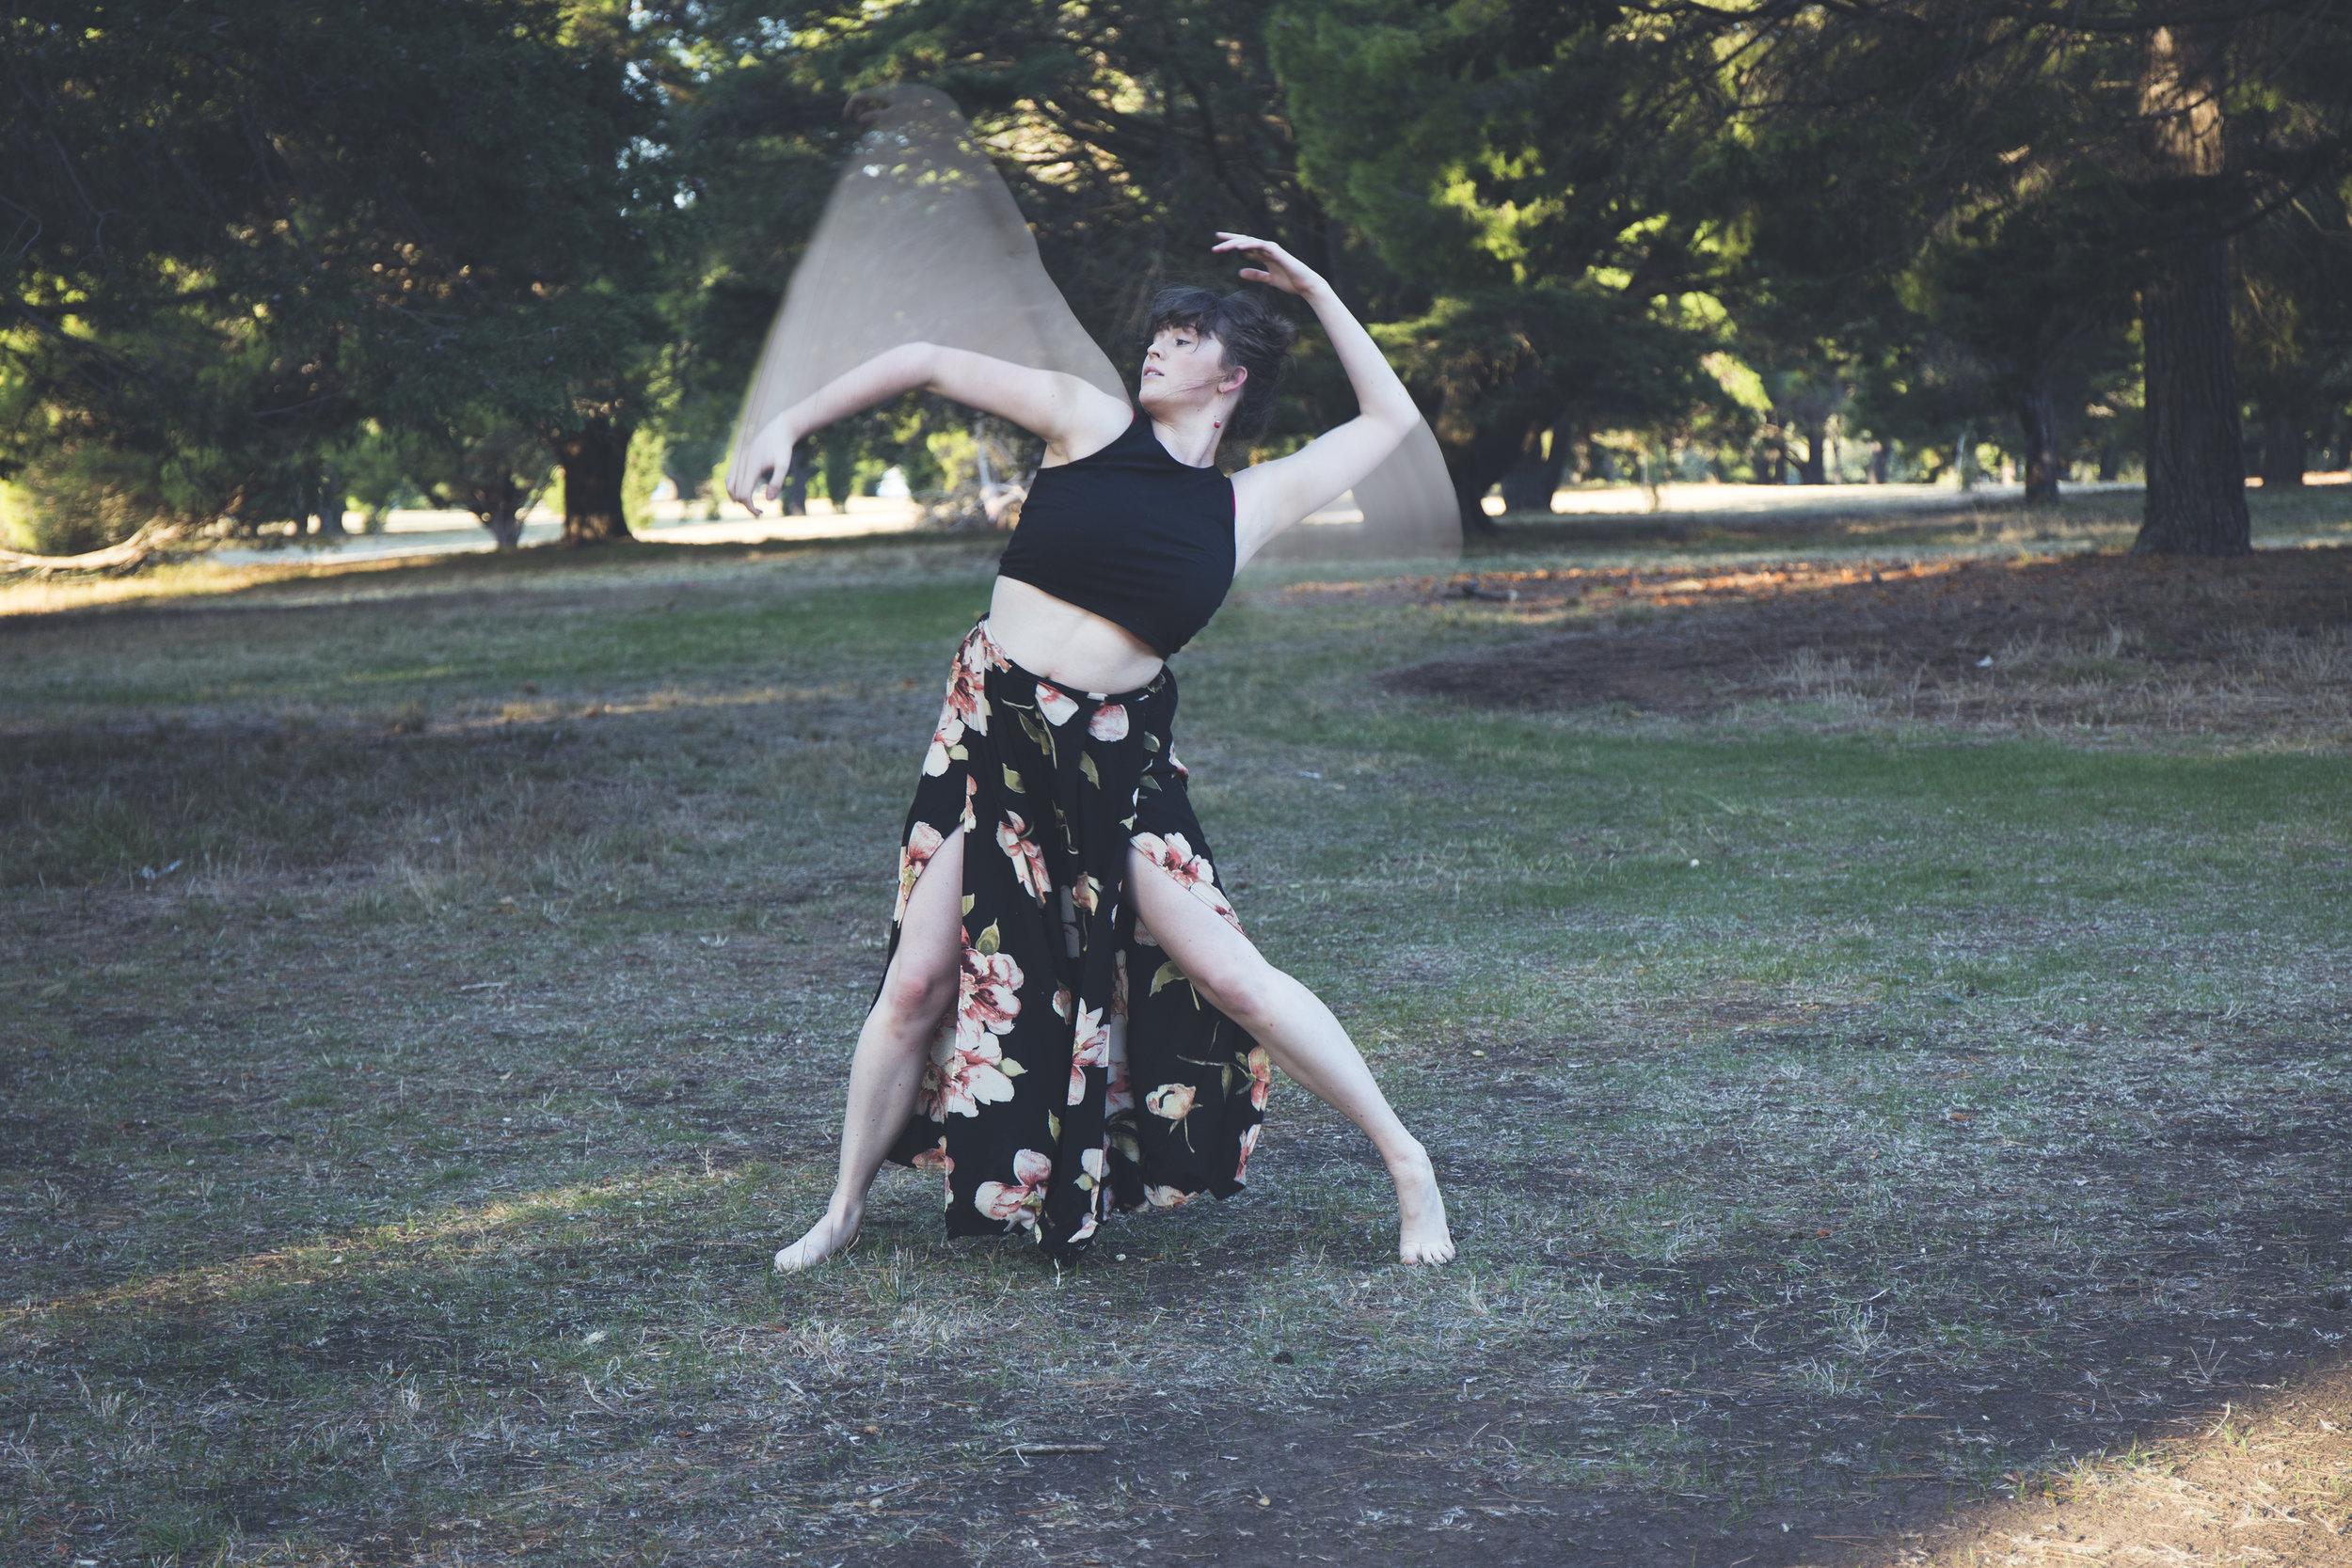 ADC Impact Ensemble member Madeline Pratt